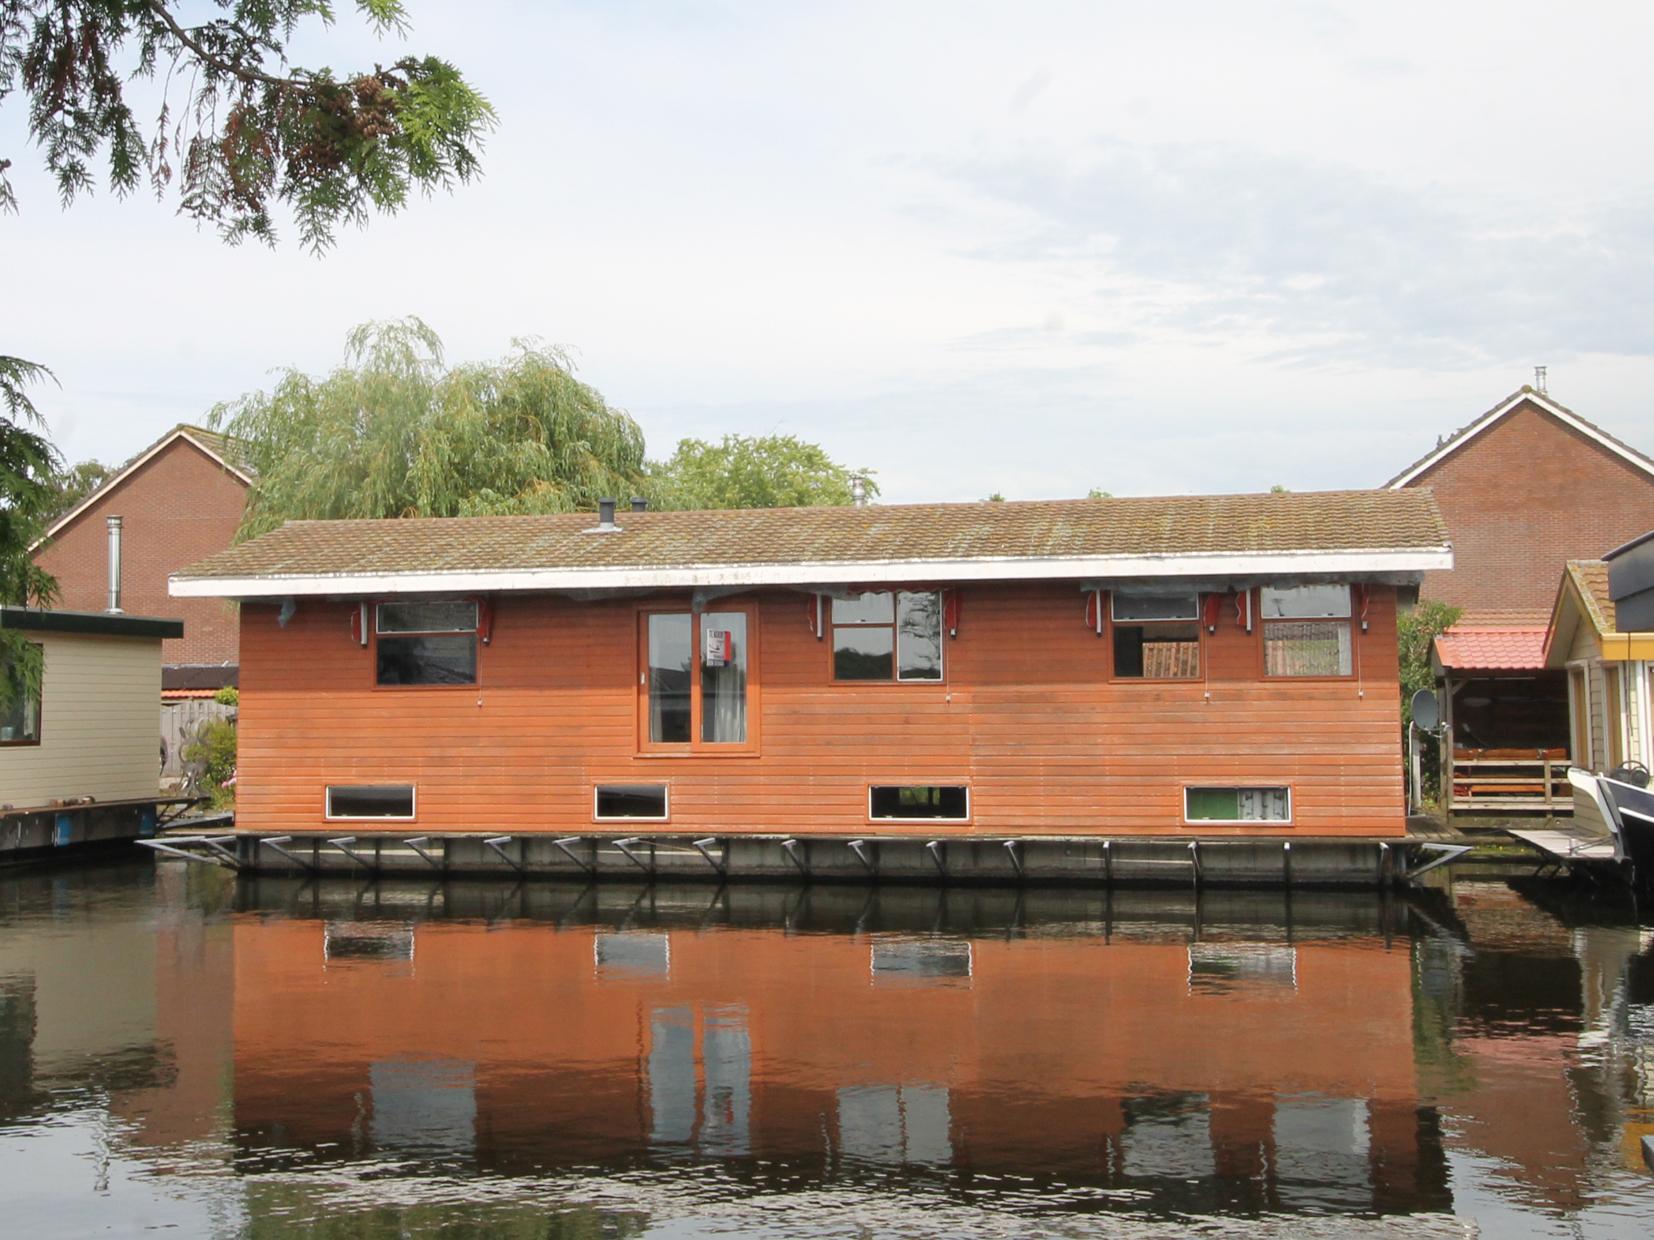 woonark  te koop · Ligplaats: Lemmer · VISKUS woonschepenhaven 9 Lemmer · ref 1044 · Scheepsmakelaardij Fikkers